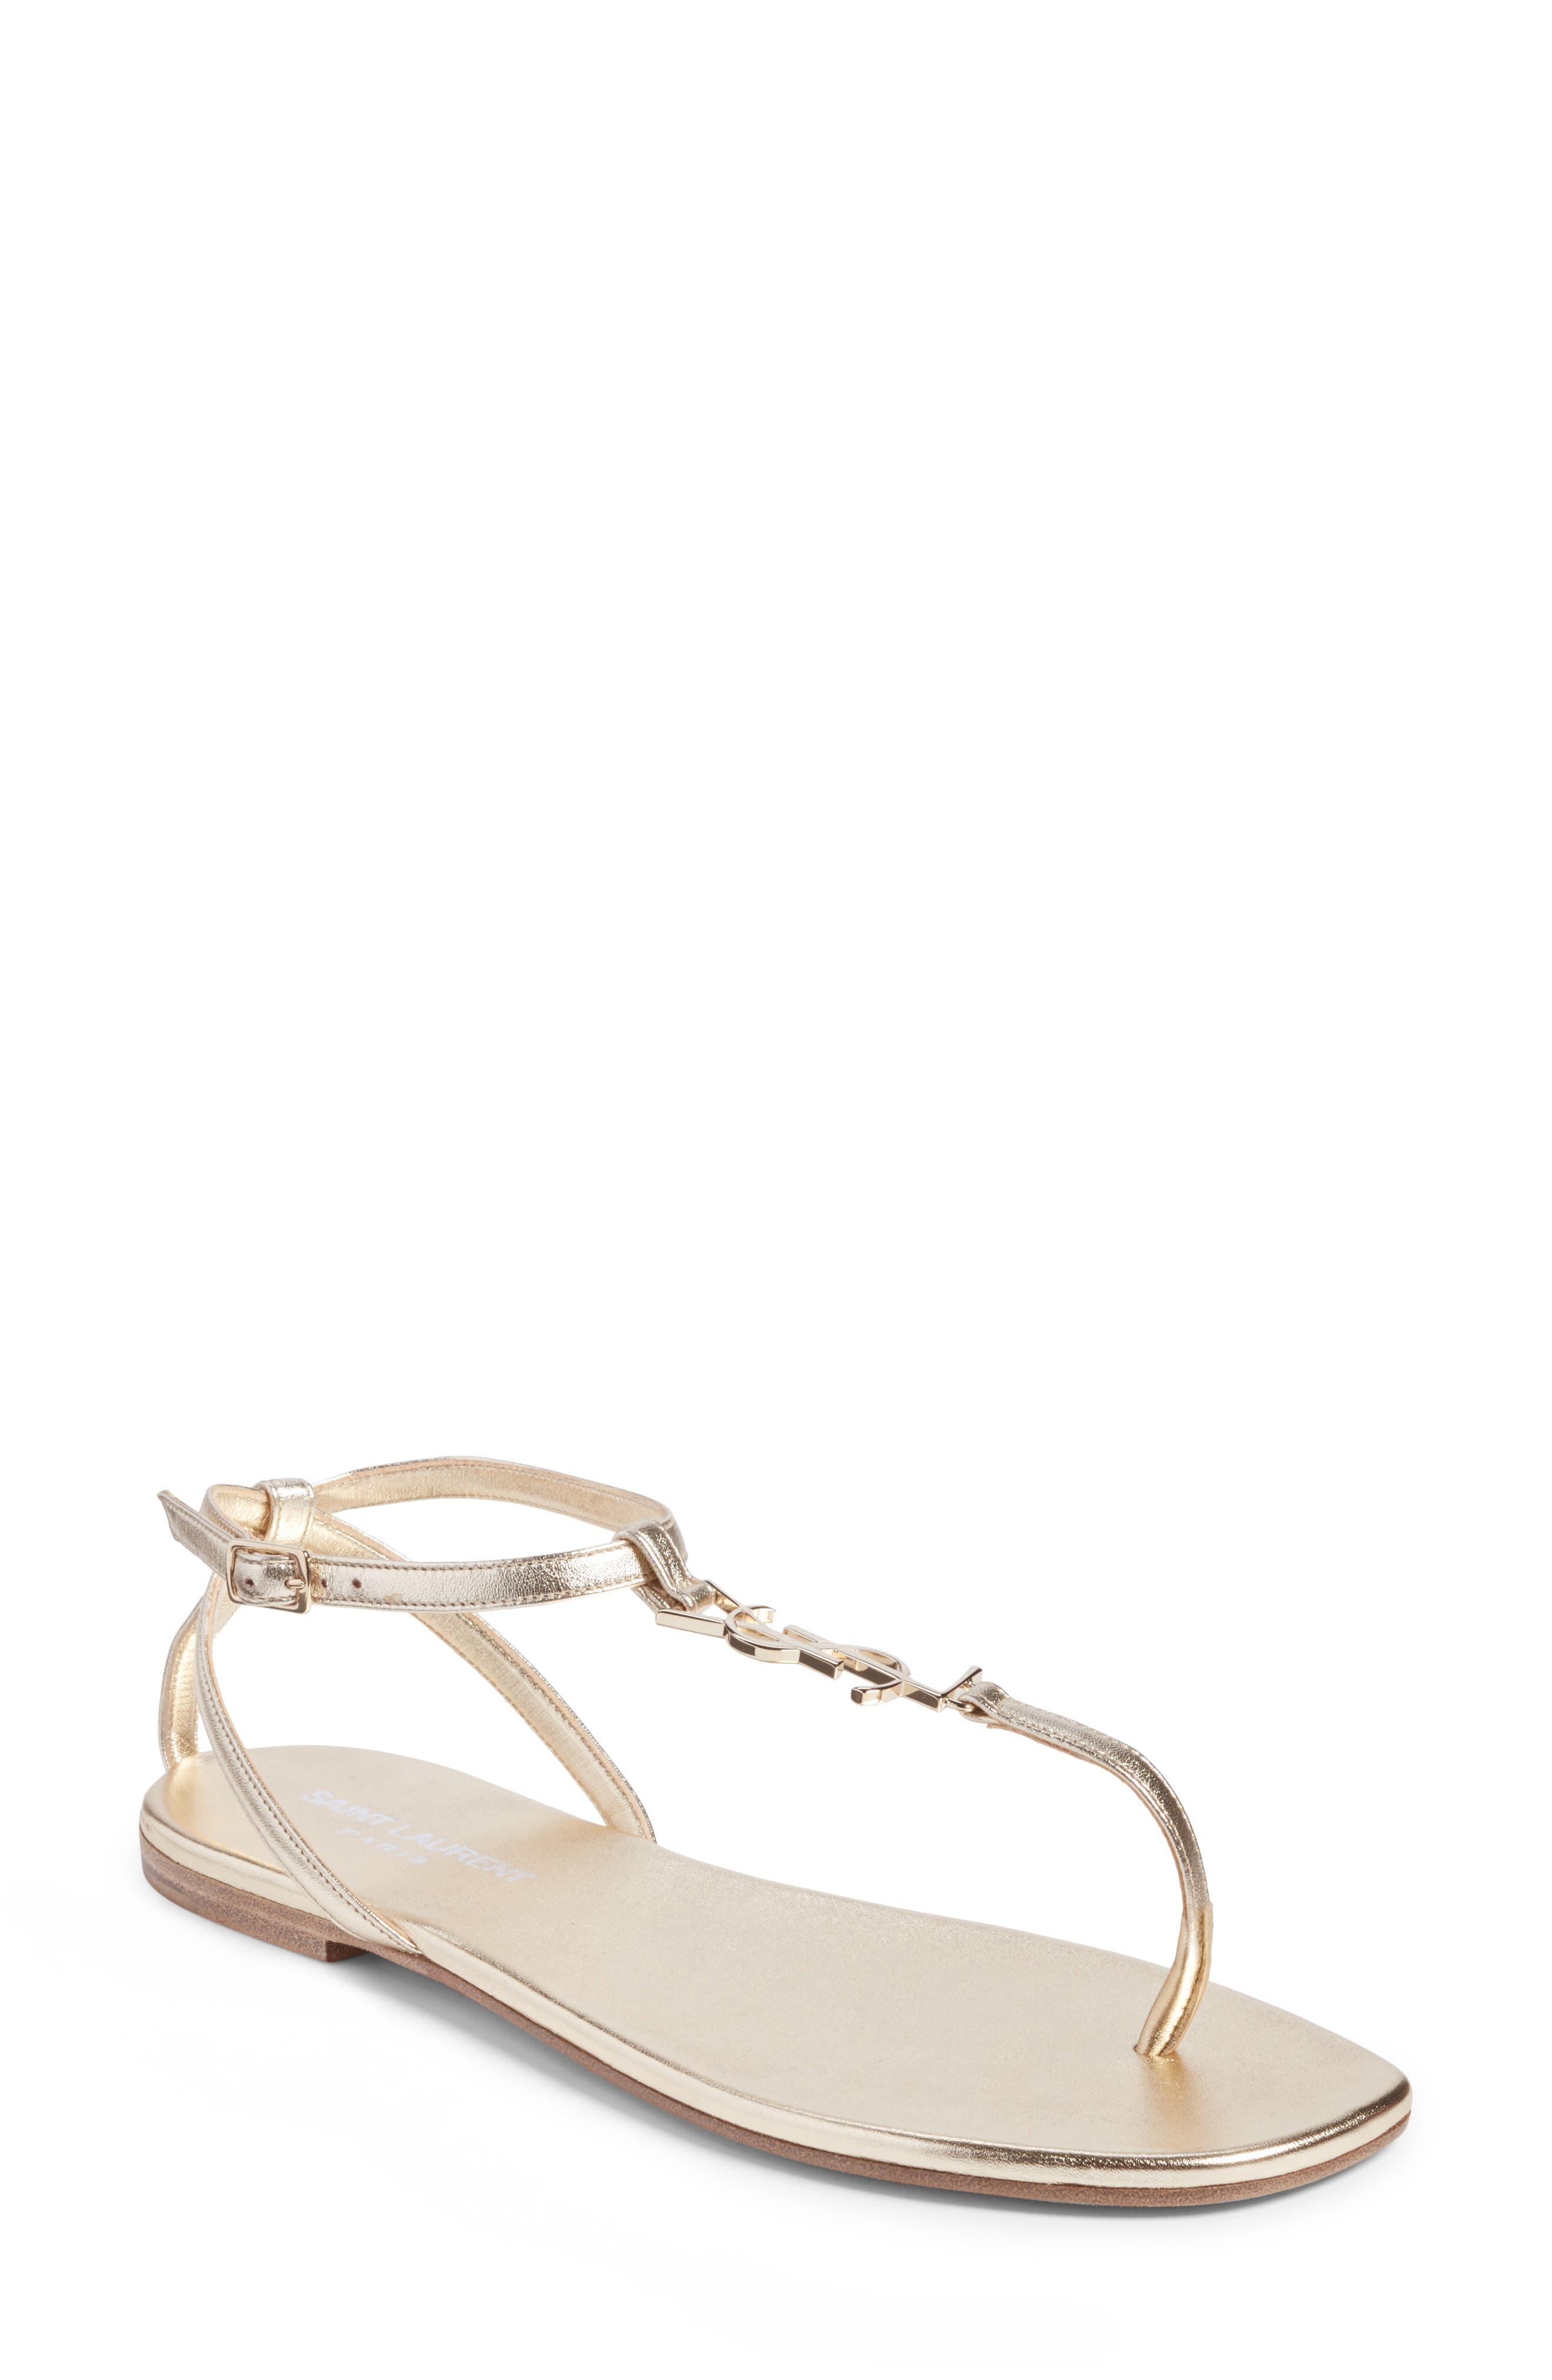 Saint Laurent Pieds Sandal (Women)